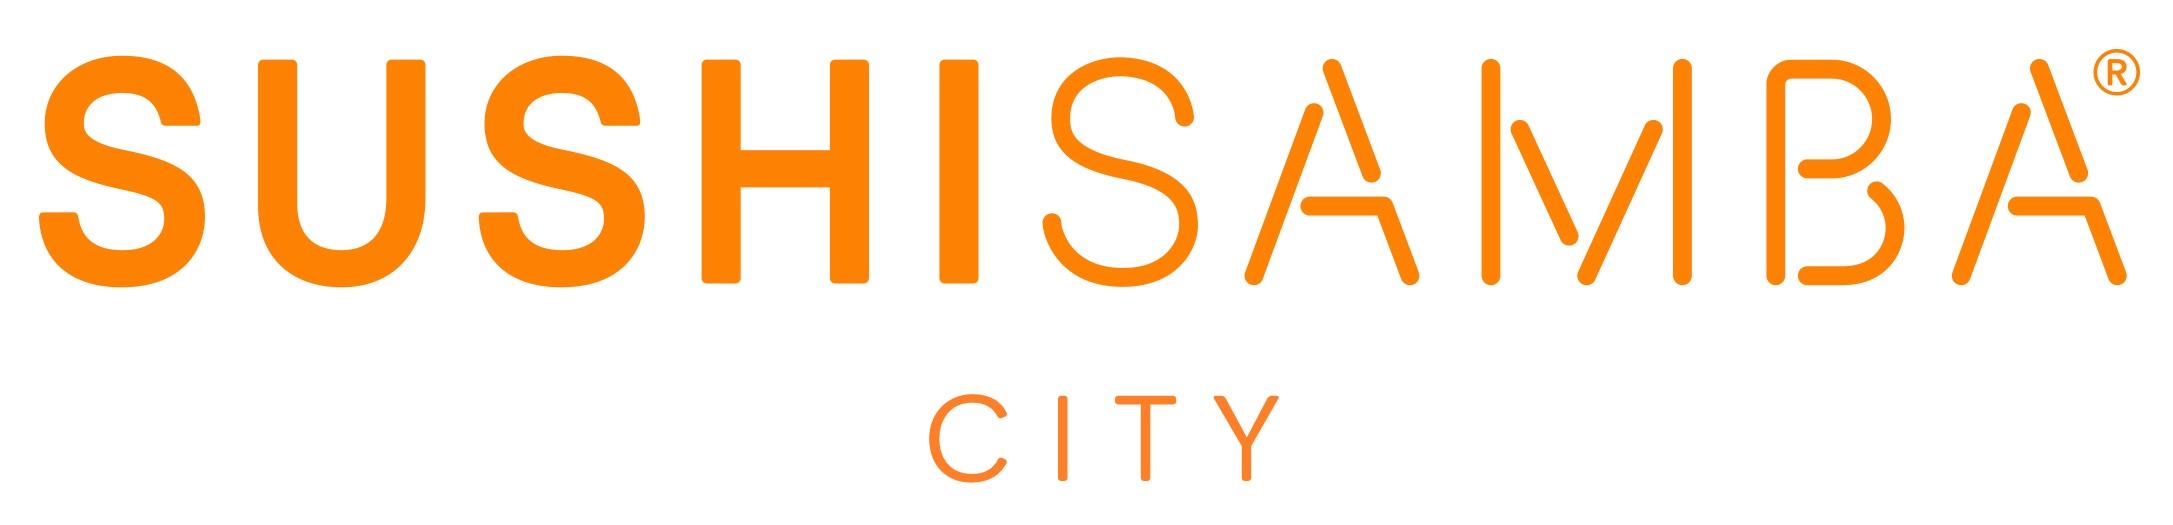 SUSHISAMBA City logo